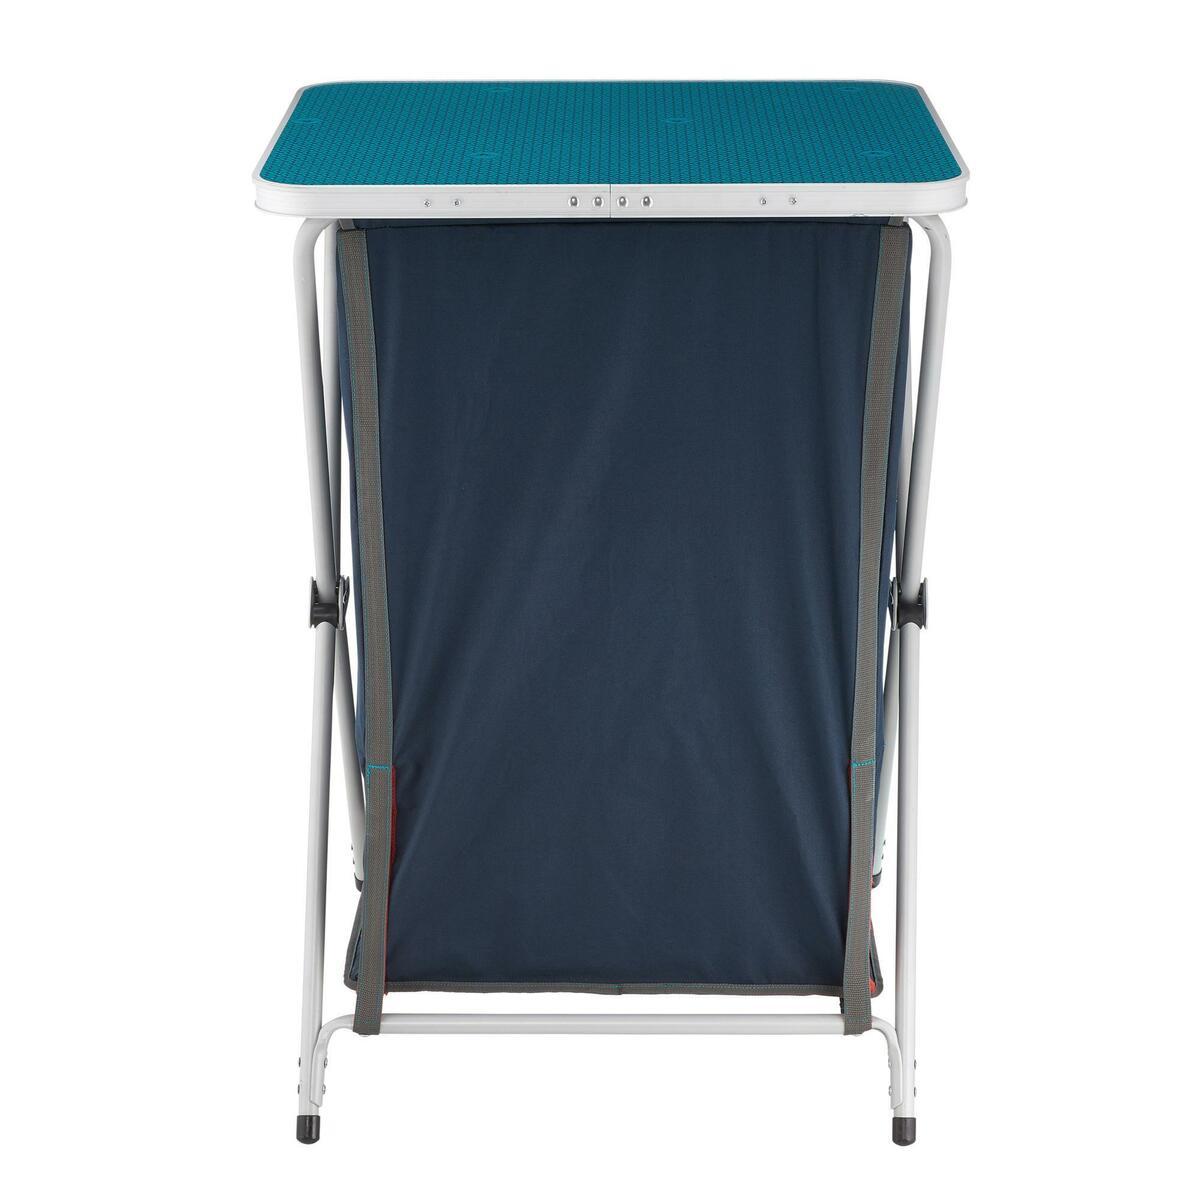 Bild 5 von Camping-Küchenmöbel